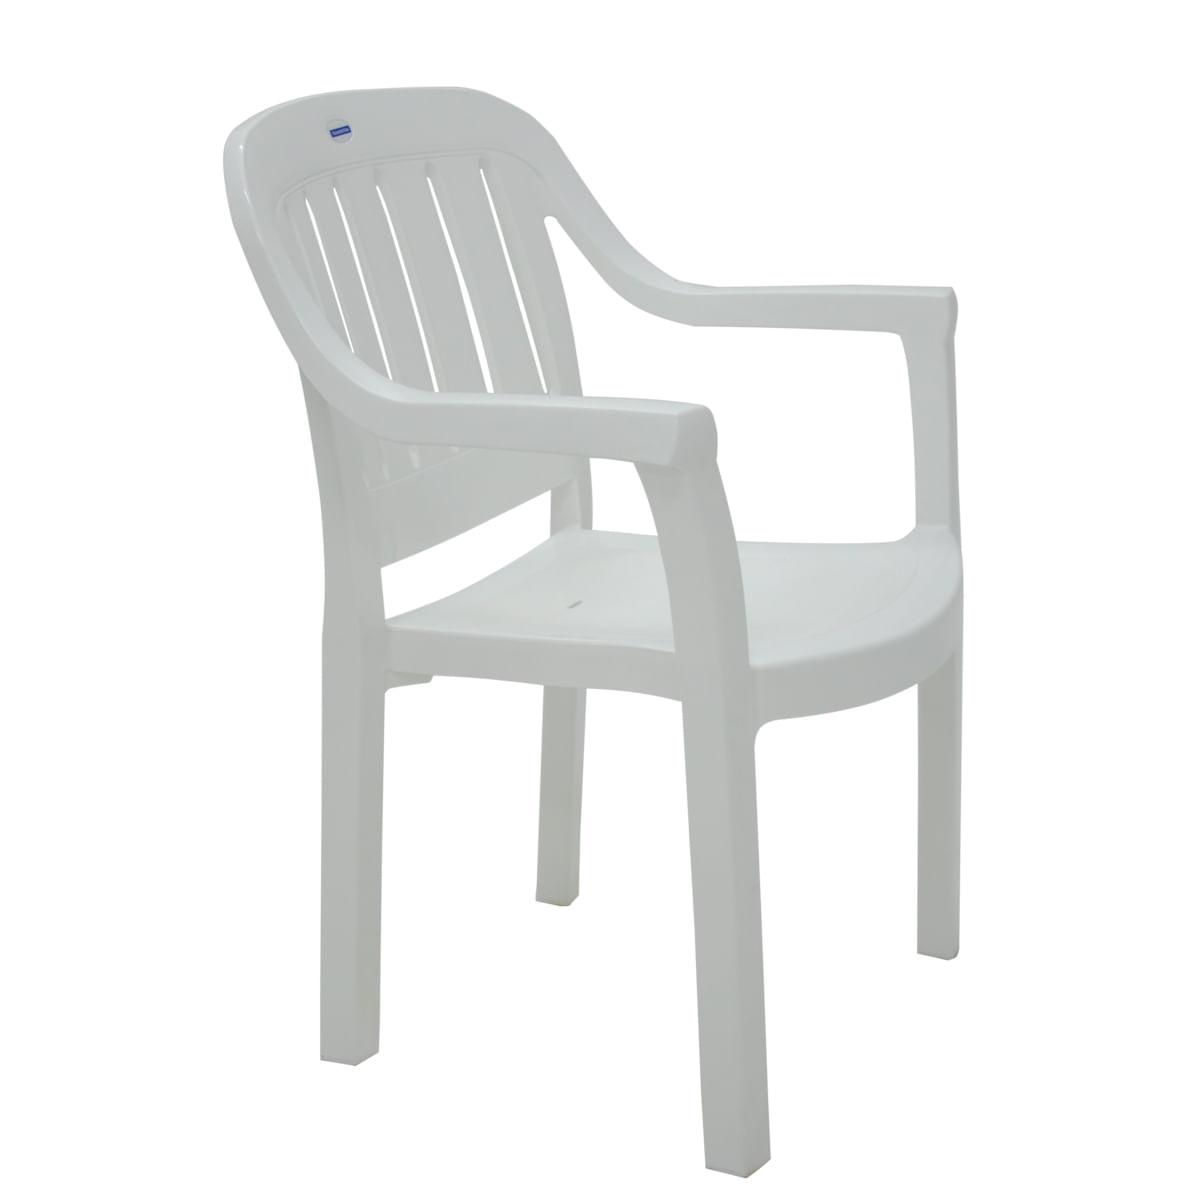 Cadeira Tramontina Miami Branco com Braços Encosto Vertical em Polipropileno